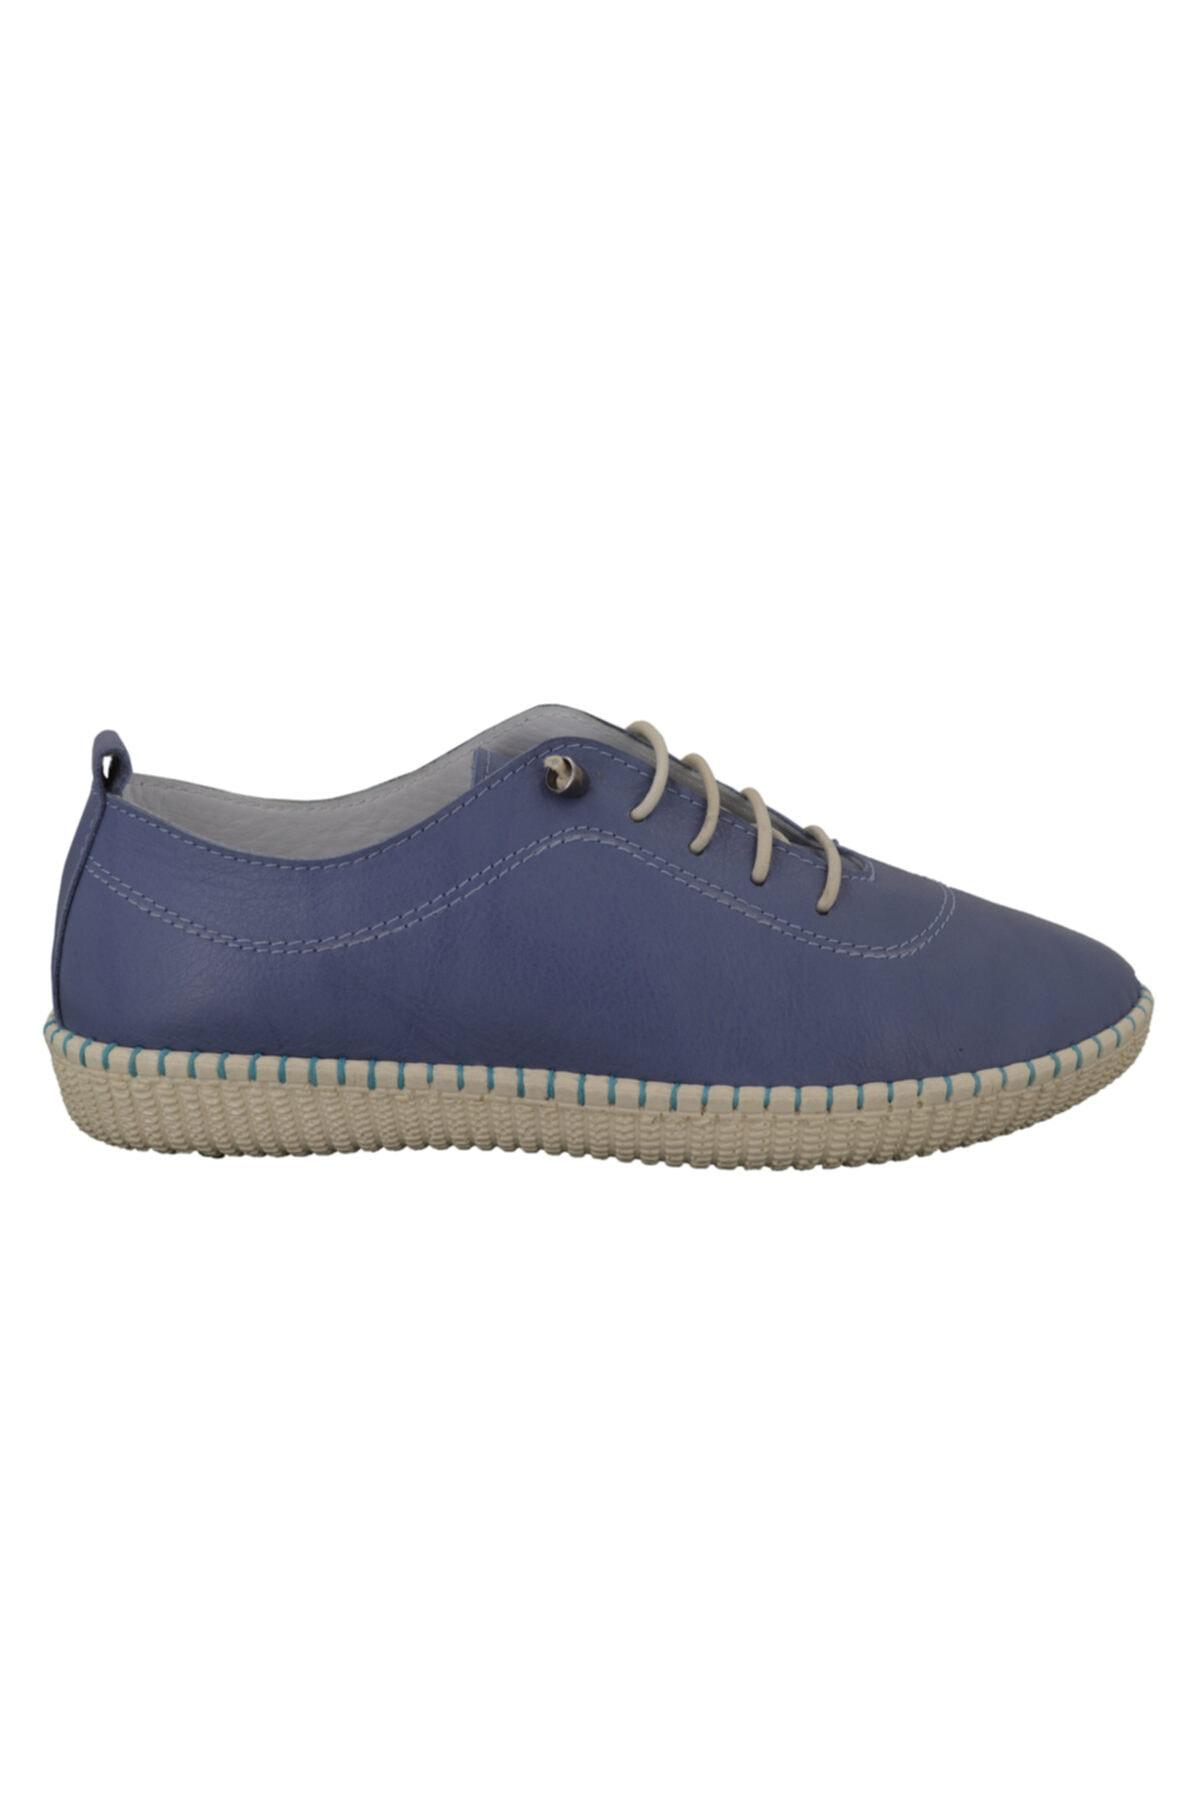 Hobby Mavi Deri Kadın Ayakkabı Fb111 1